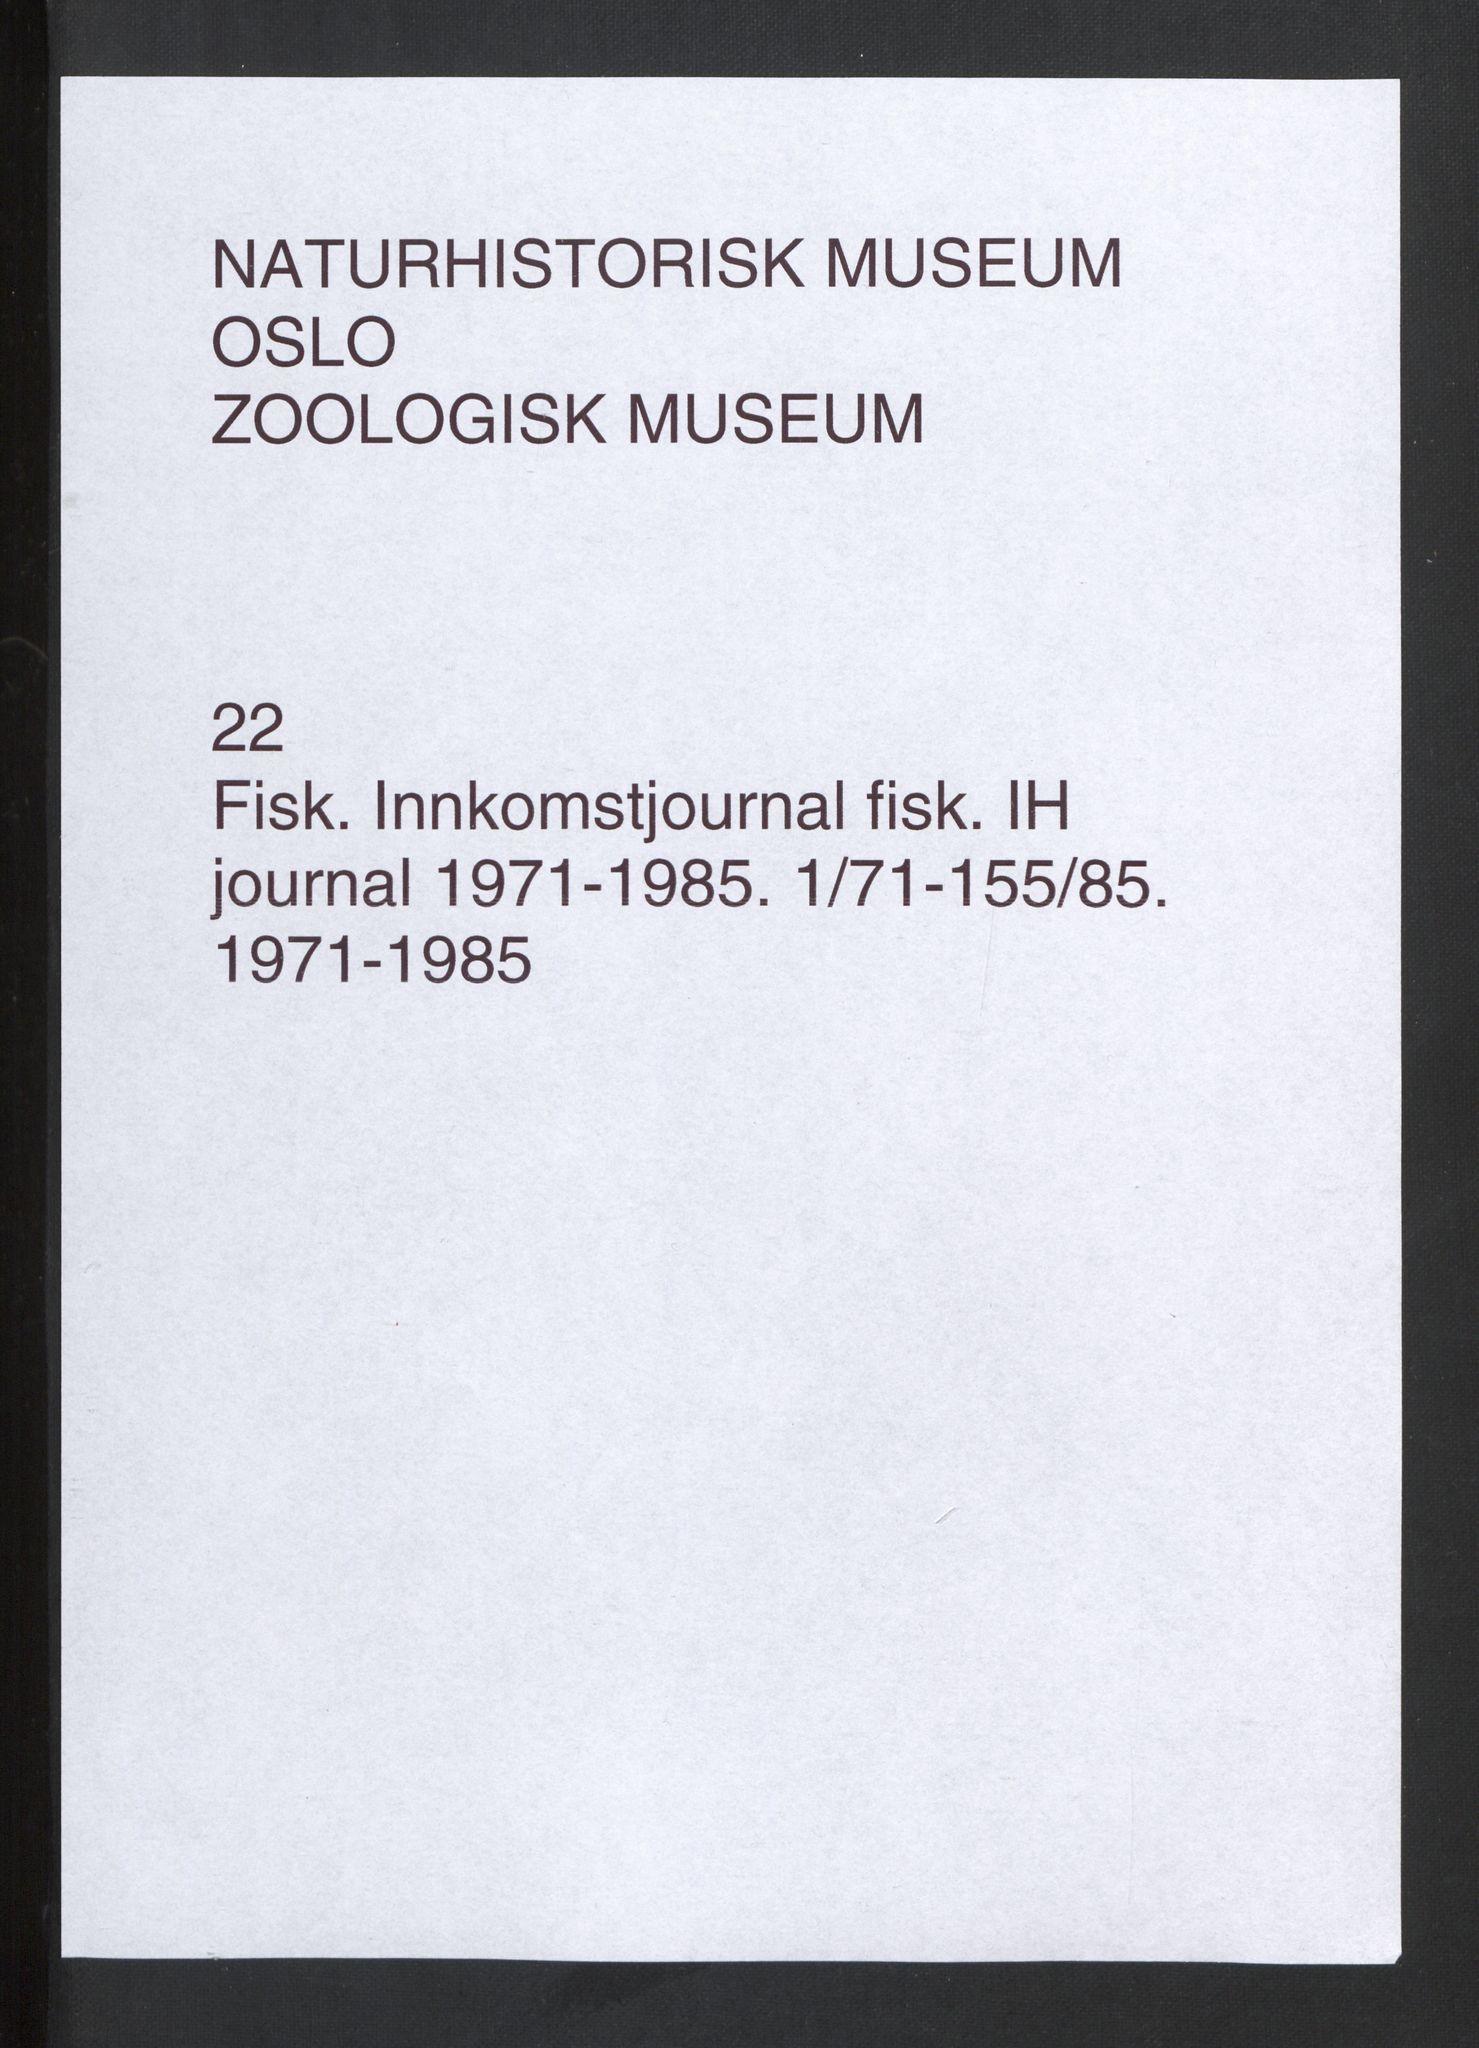 NHMO, Naturhistorisk museum (Oslo), 1: Fisk. Innkomstjournal. Fiskesamlingen (IH), 1971-1985., 1971-1985